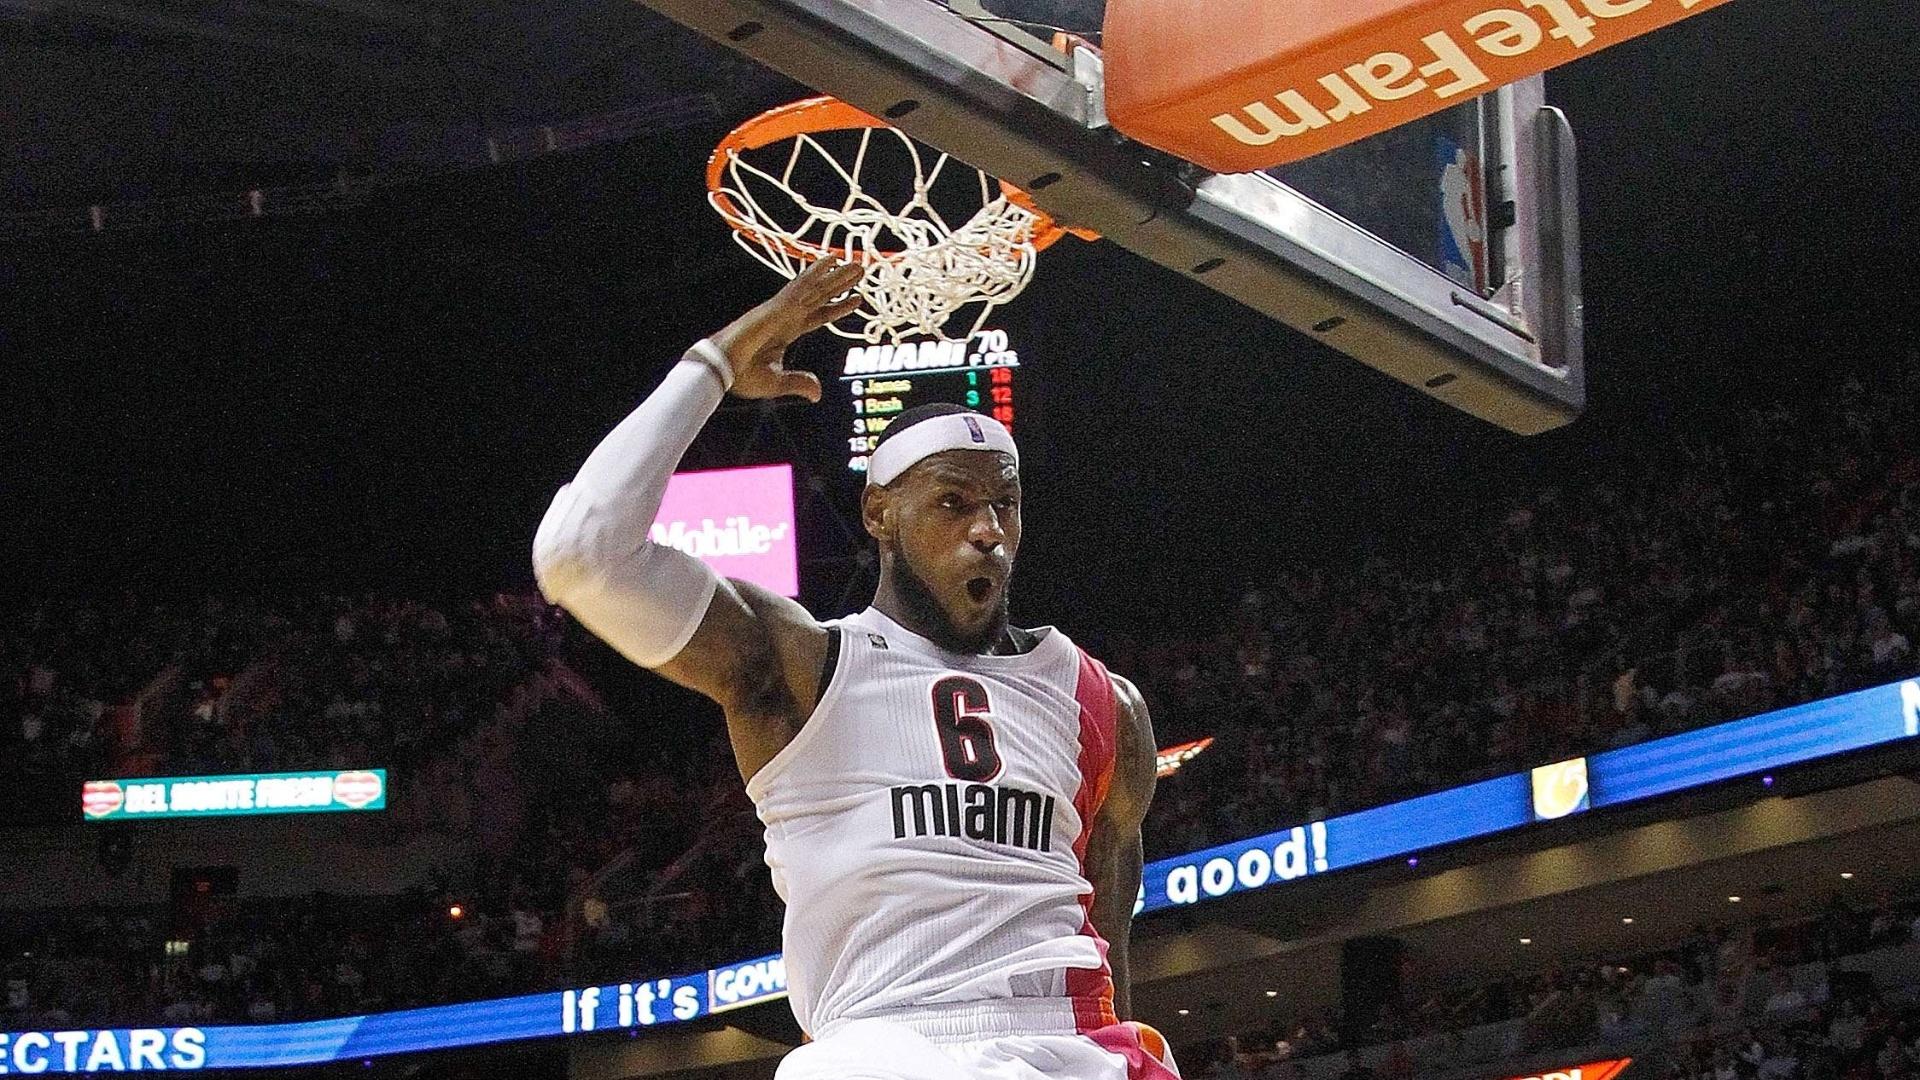 LeBron James comemora após conseguir enterrada na vitória do Heat contra o Cleveland